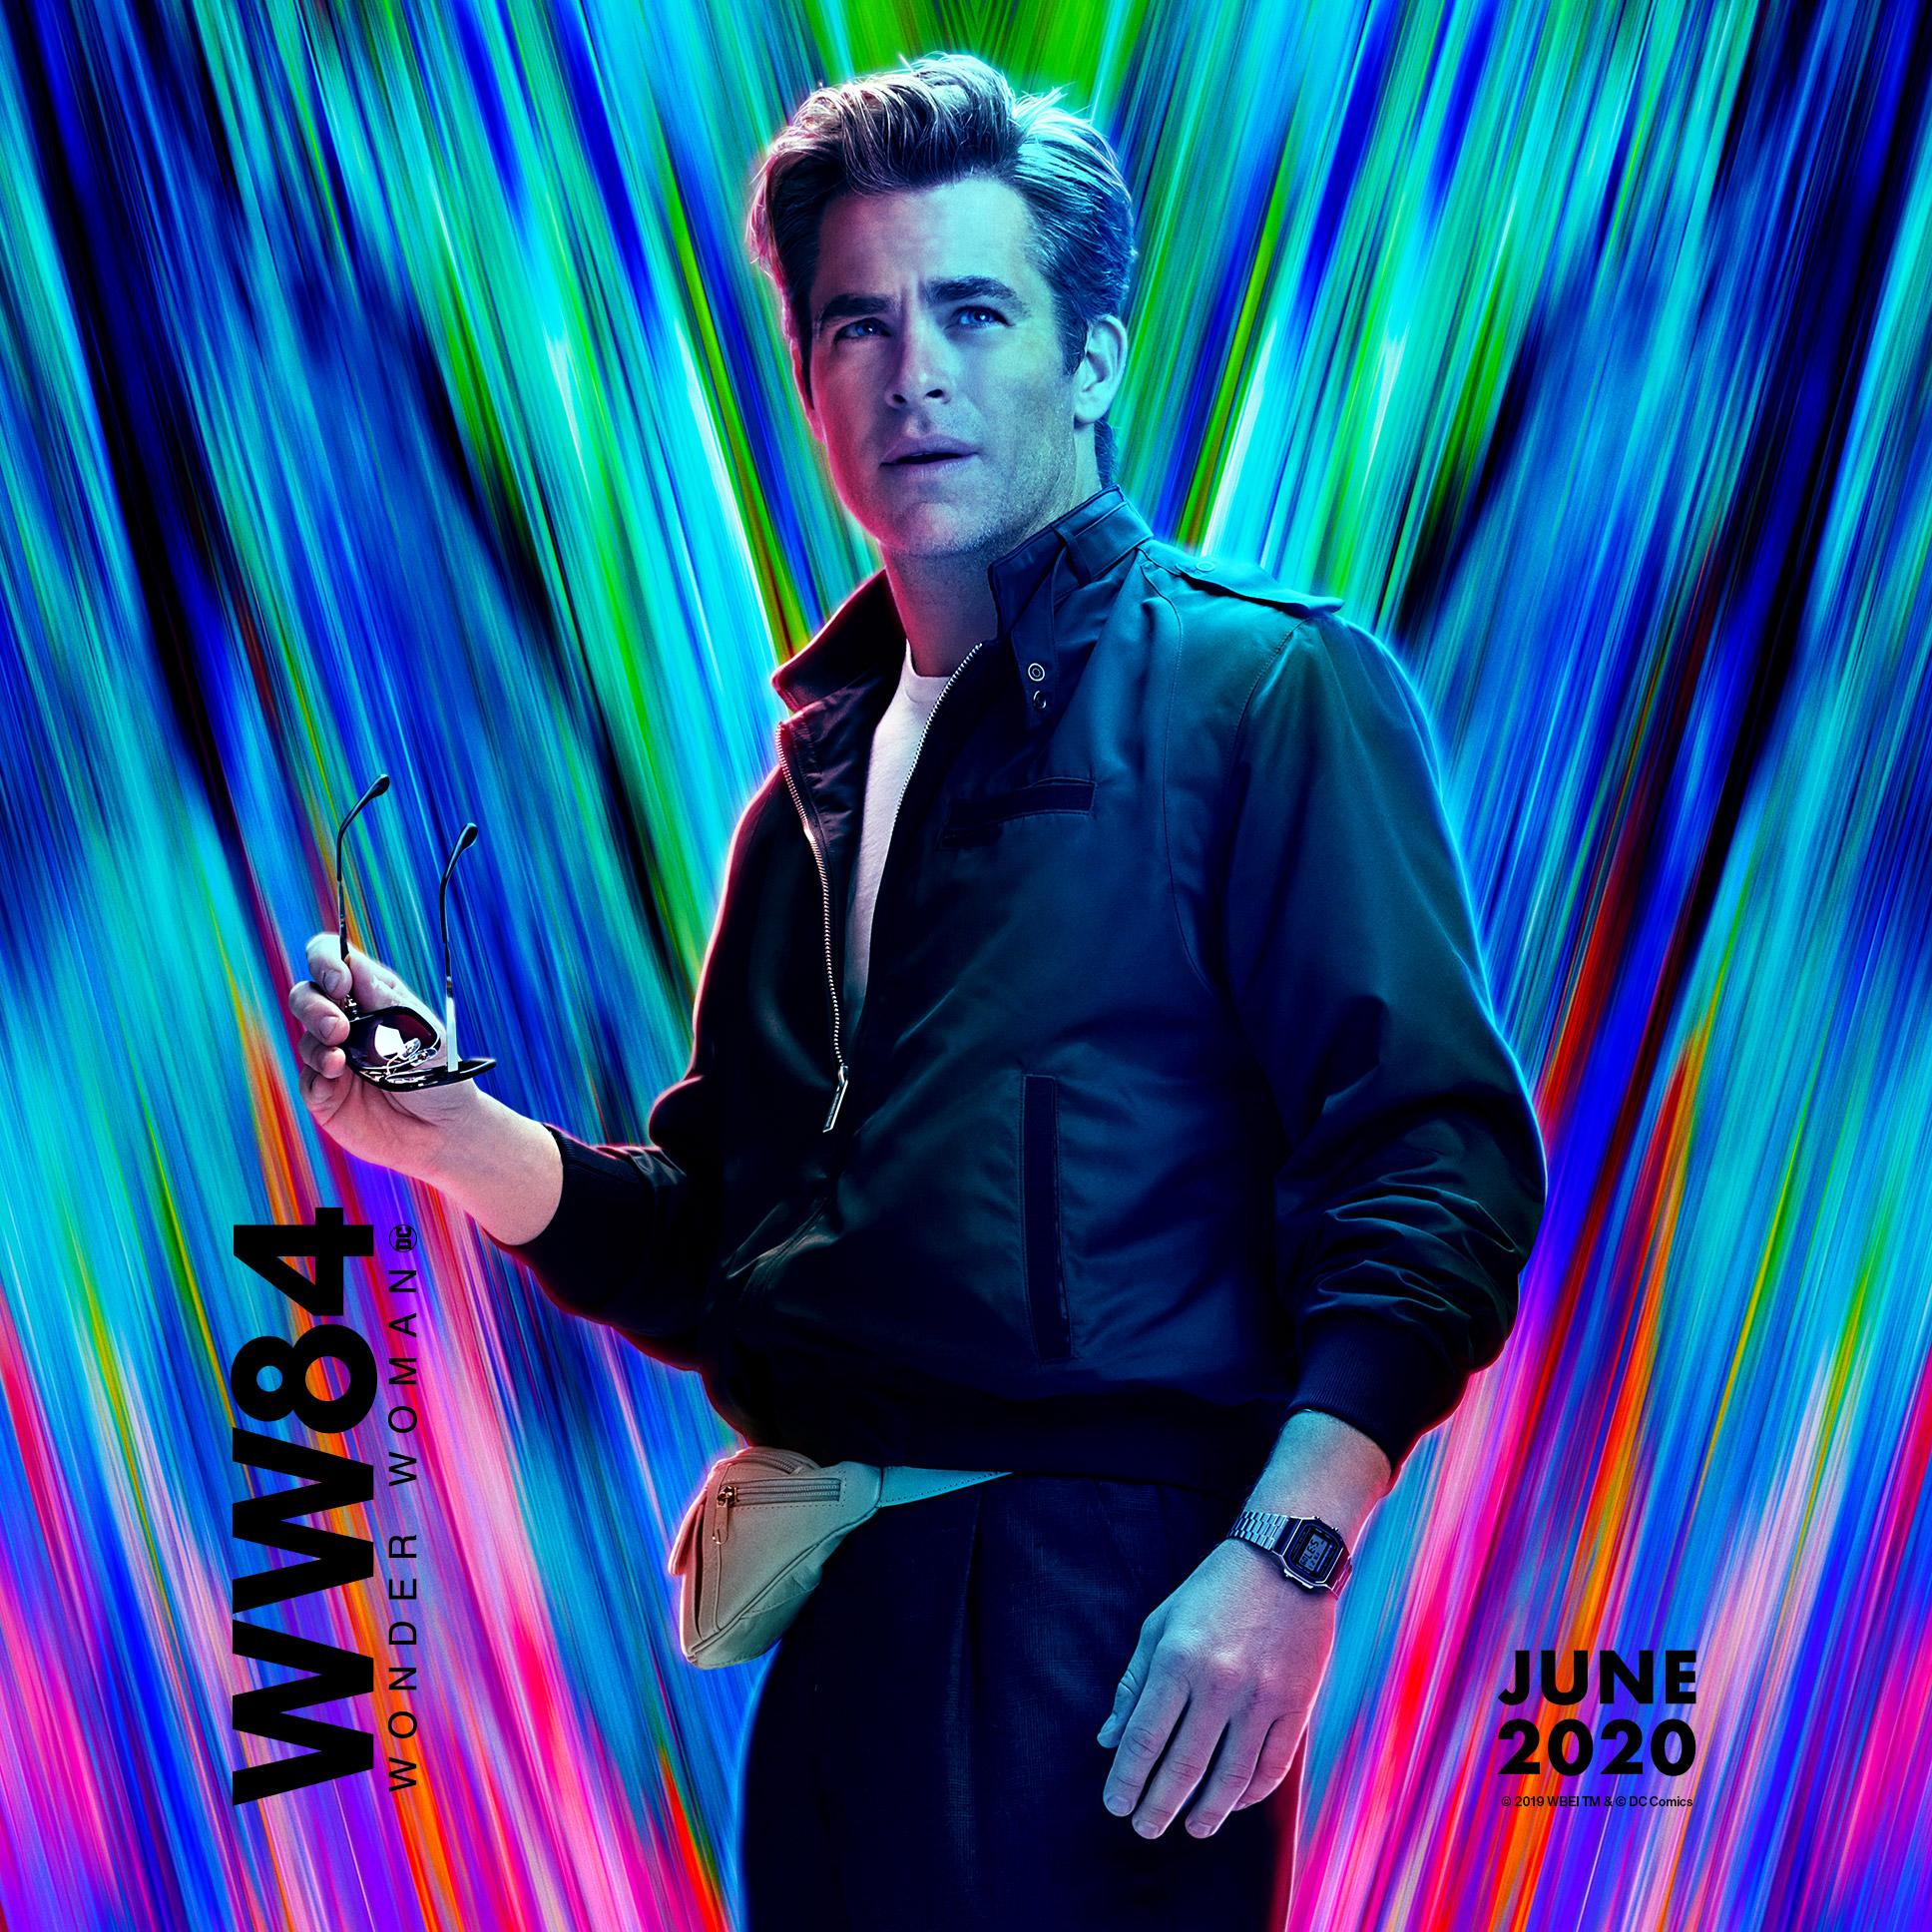 (Image source: Warner Bros.)